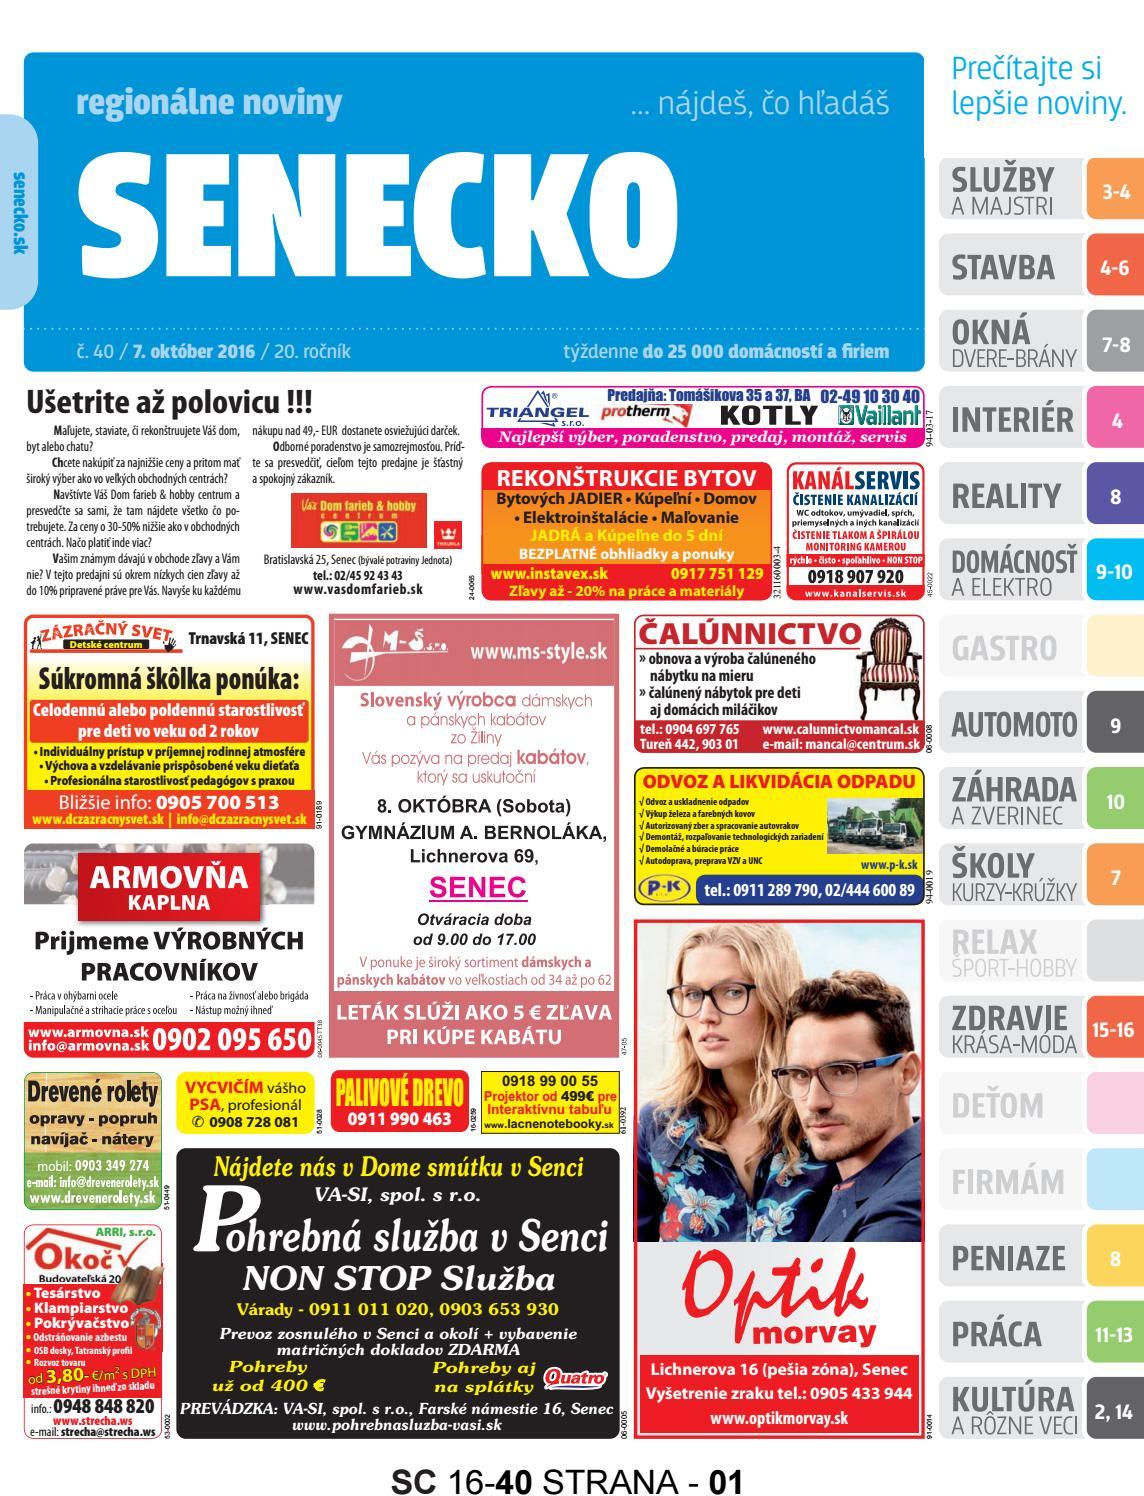 Zoznamka Florencia SC rýchlosť datovania Bursa